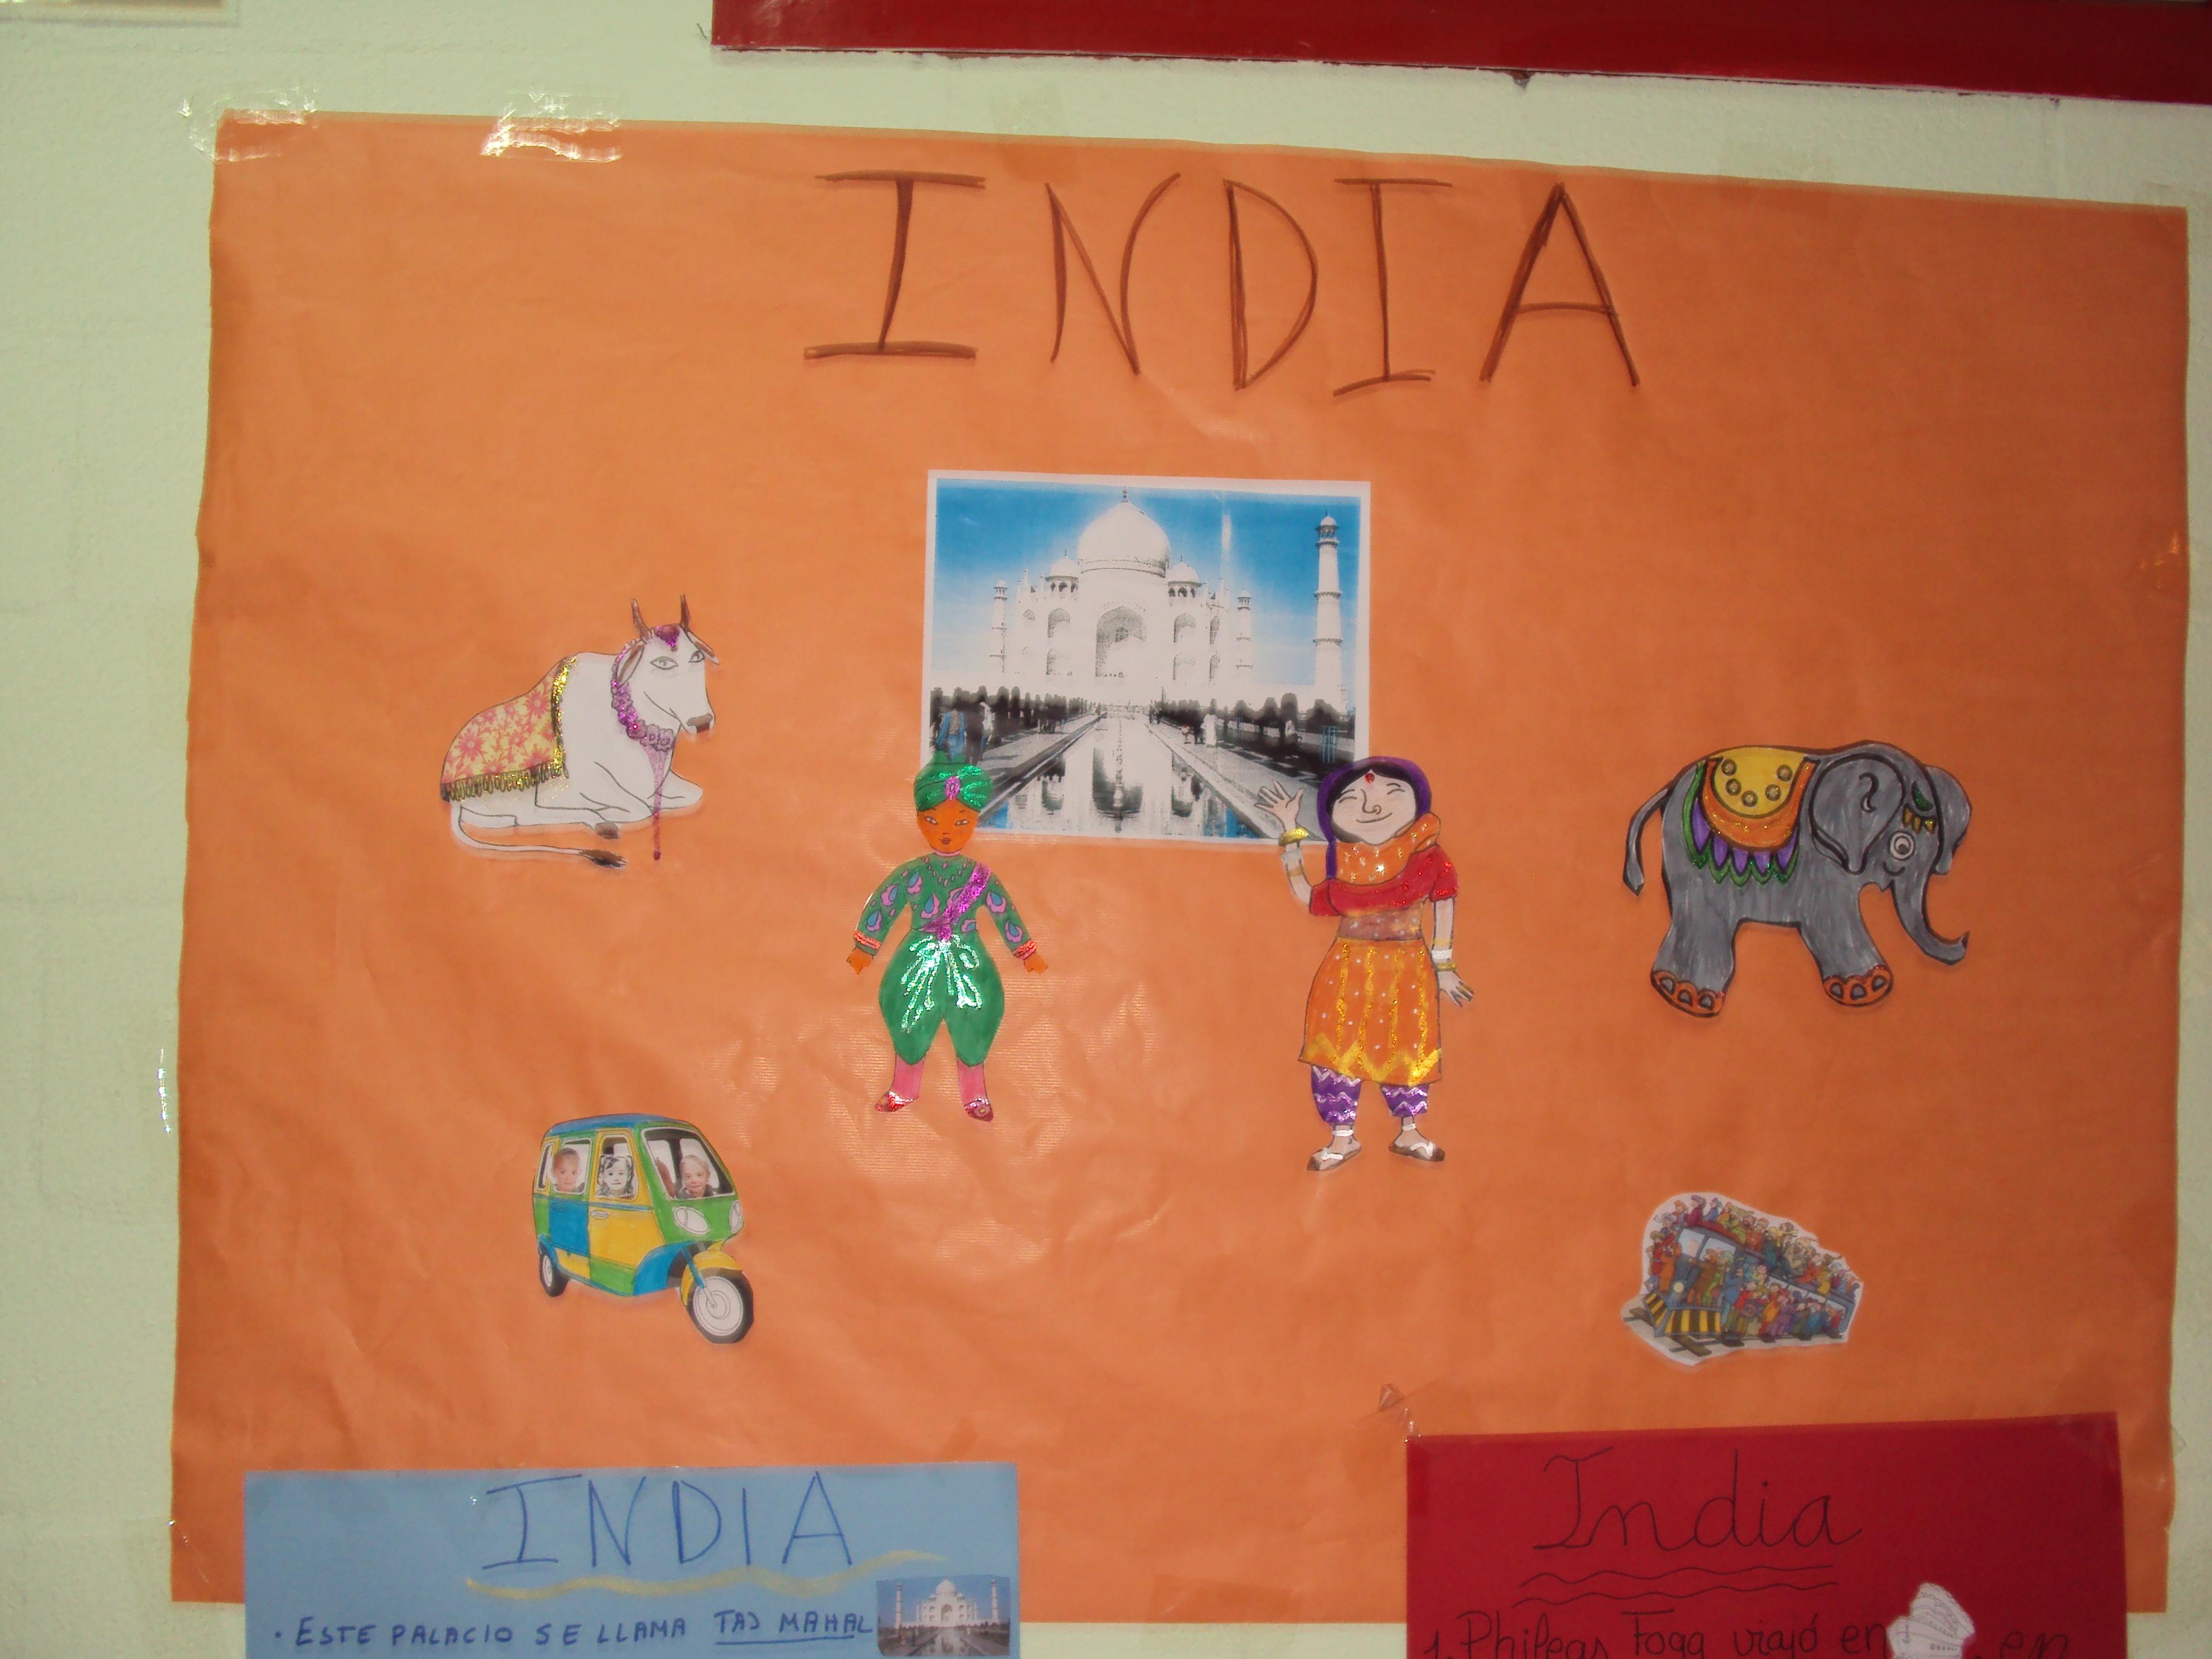 PROYECTO LA VUELTA AL MUNDO: INDIA